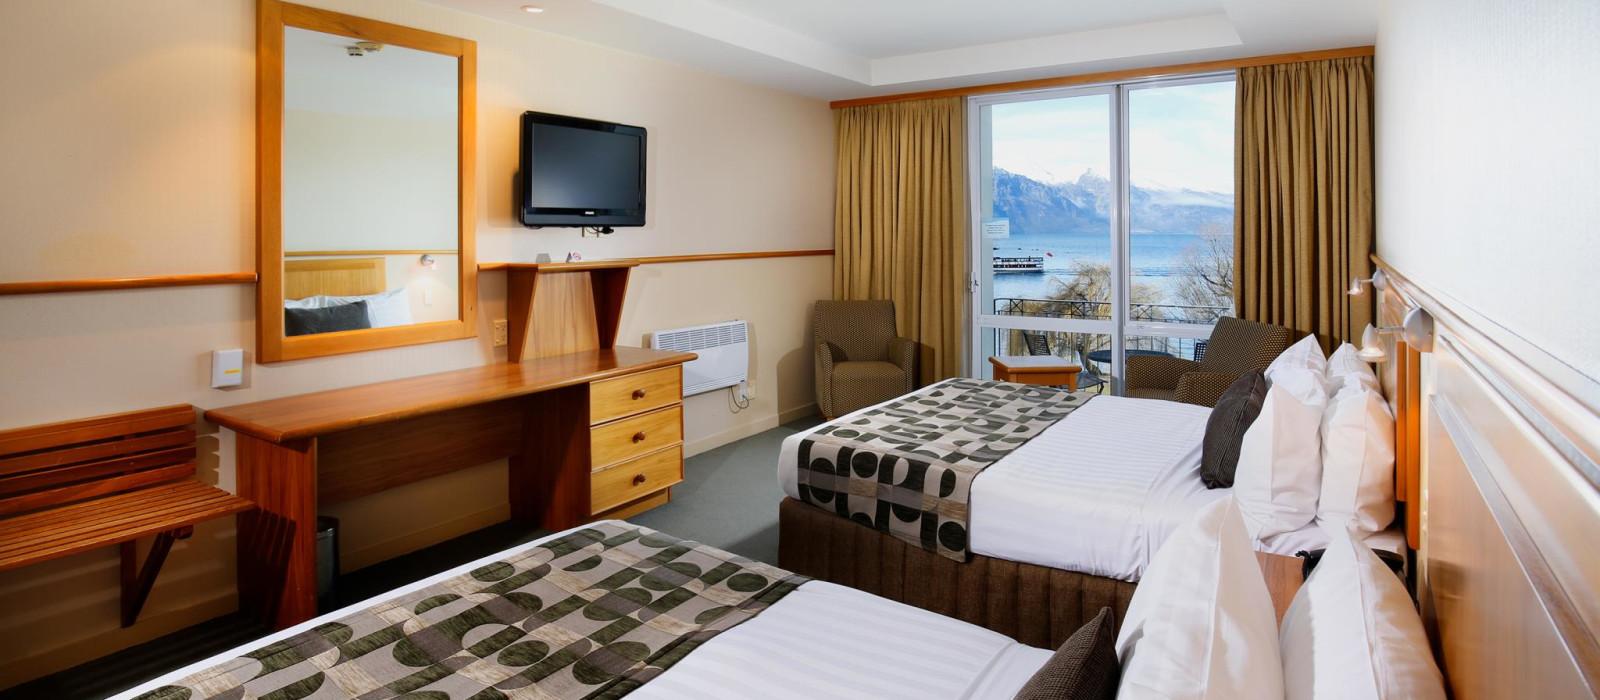 Hotel Rydges Lakeland Resort New Zealand